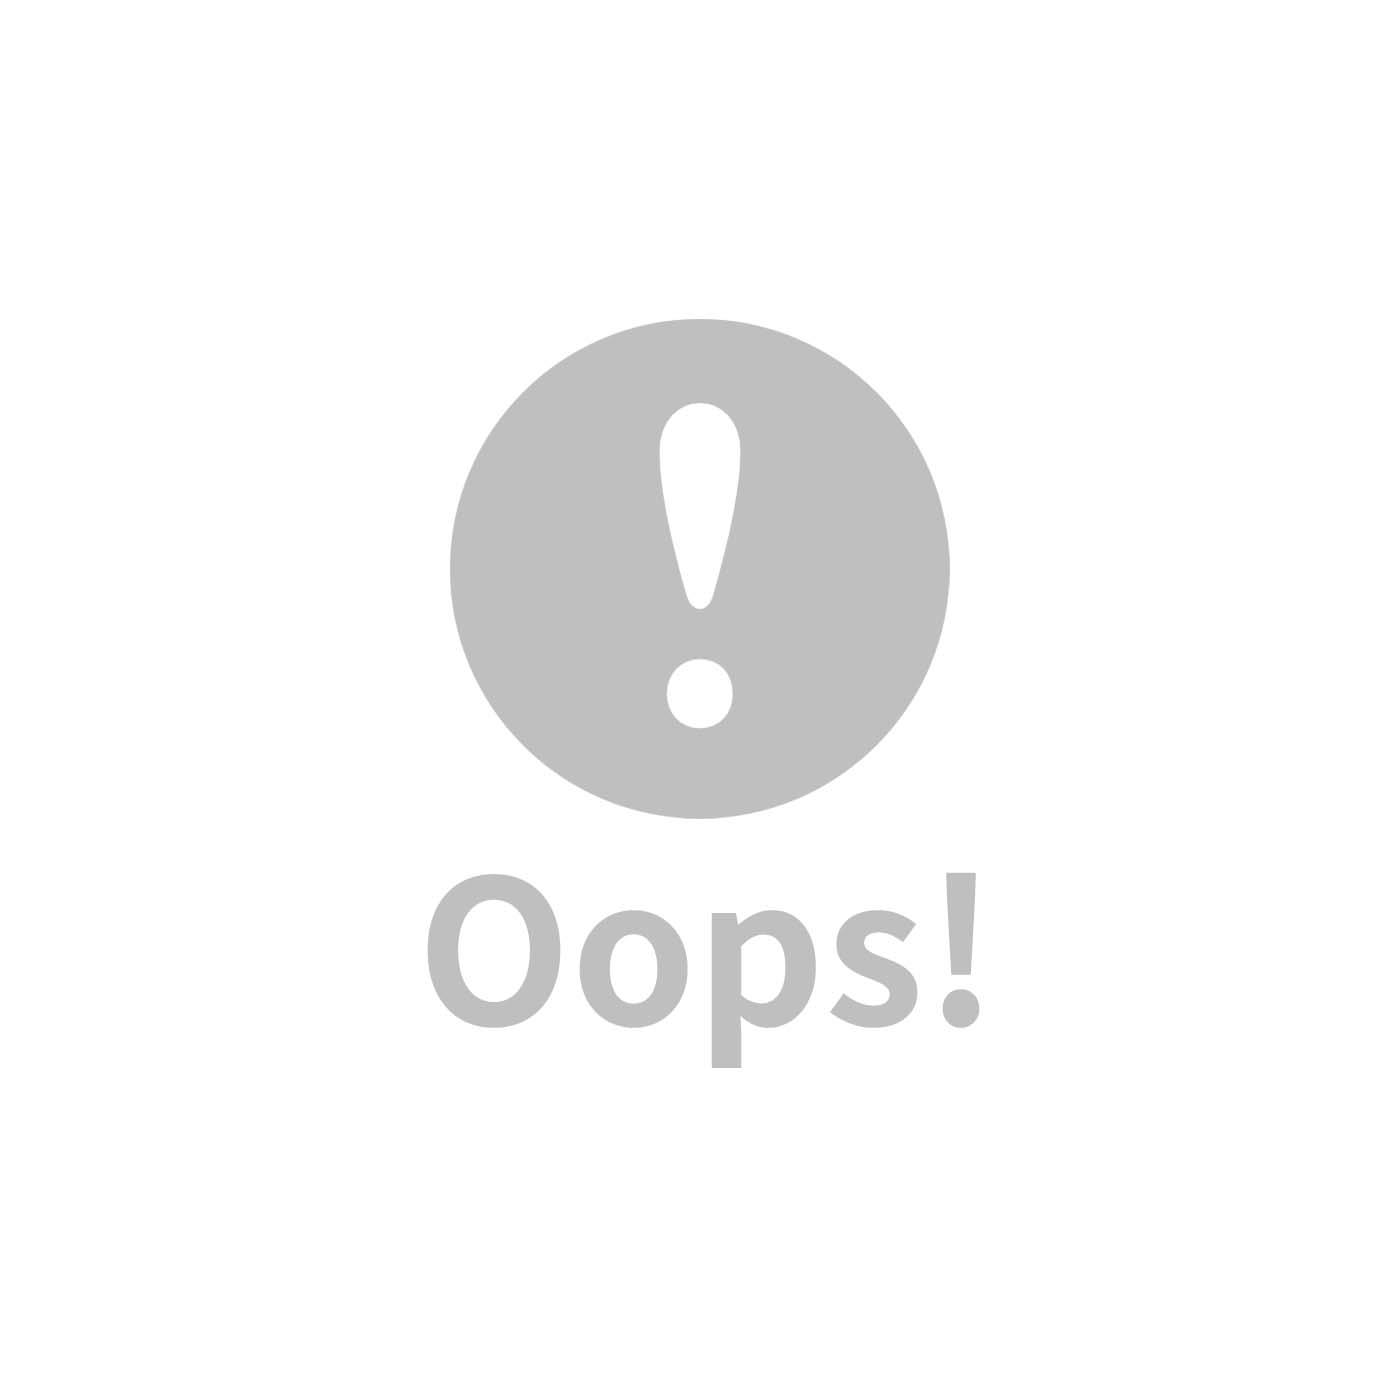 【韓國 lolbaby】3D立體純棉造型嬰兒枕(方形)-灰